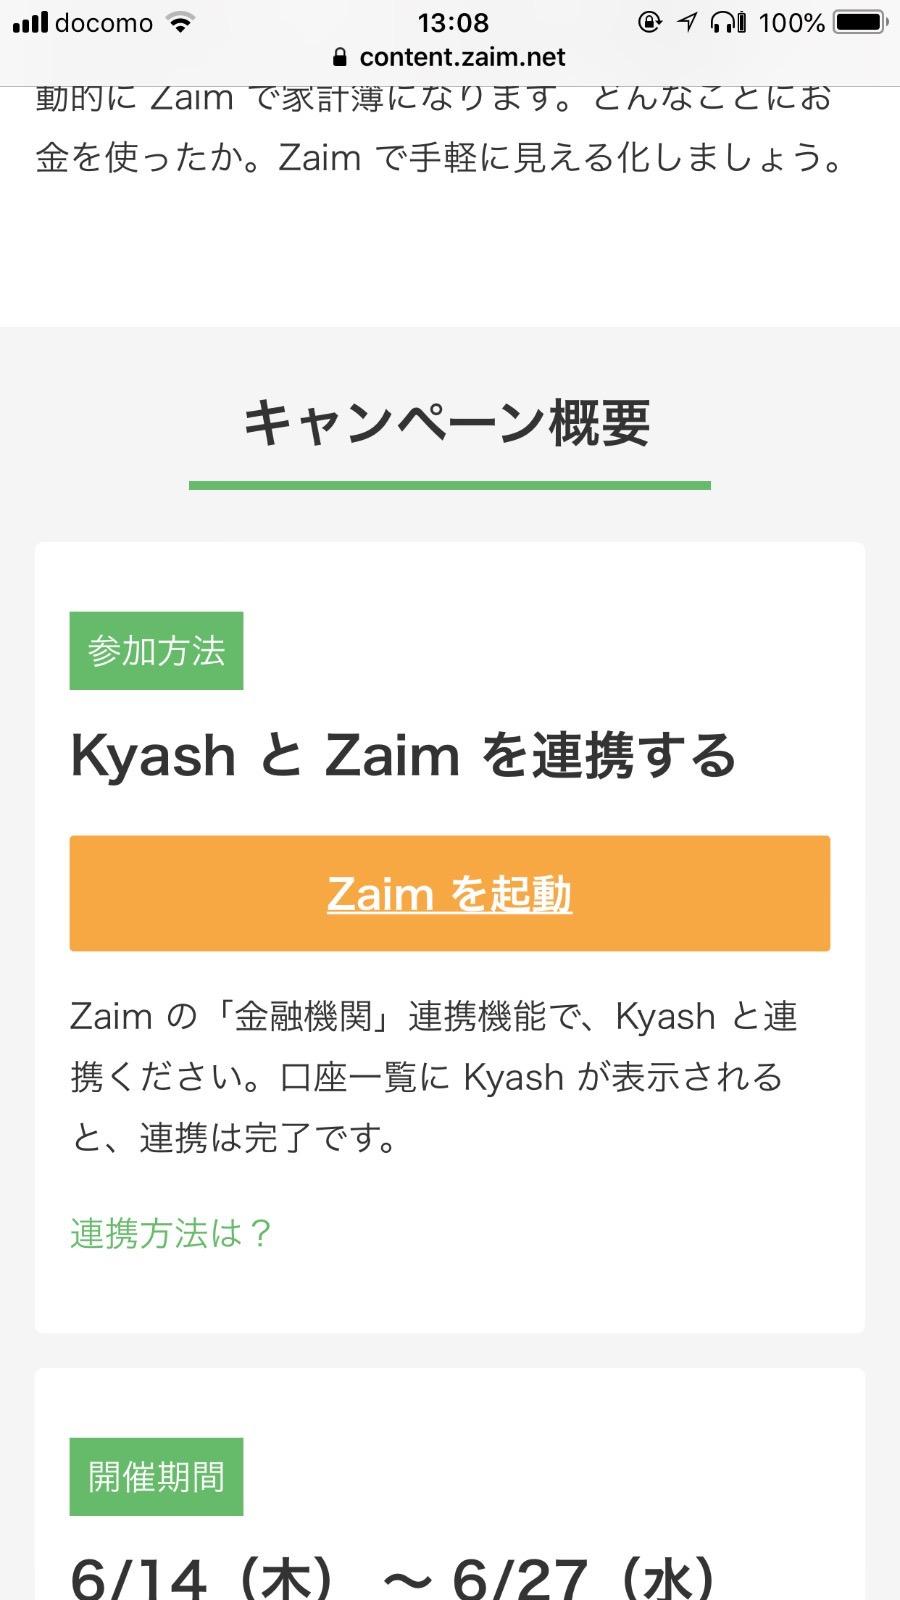 Kyash Zaim 連携 02